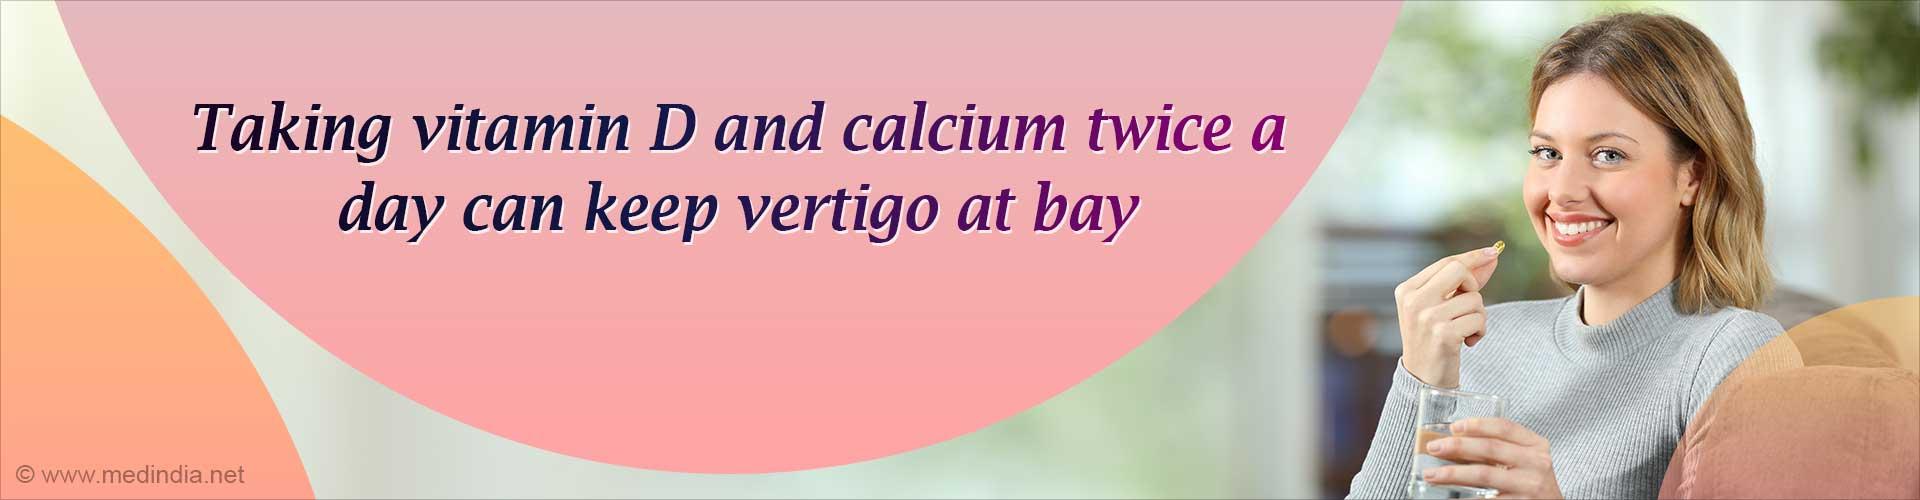 Can Vitamin D Treat Vertigo?